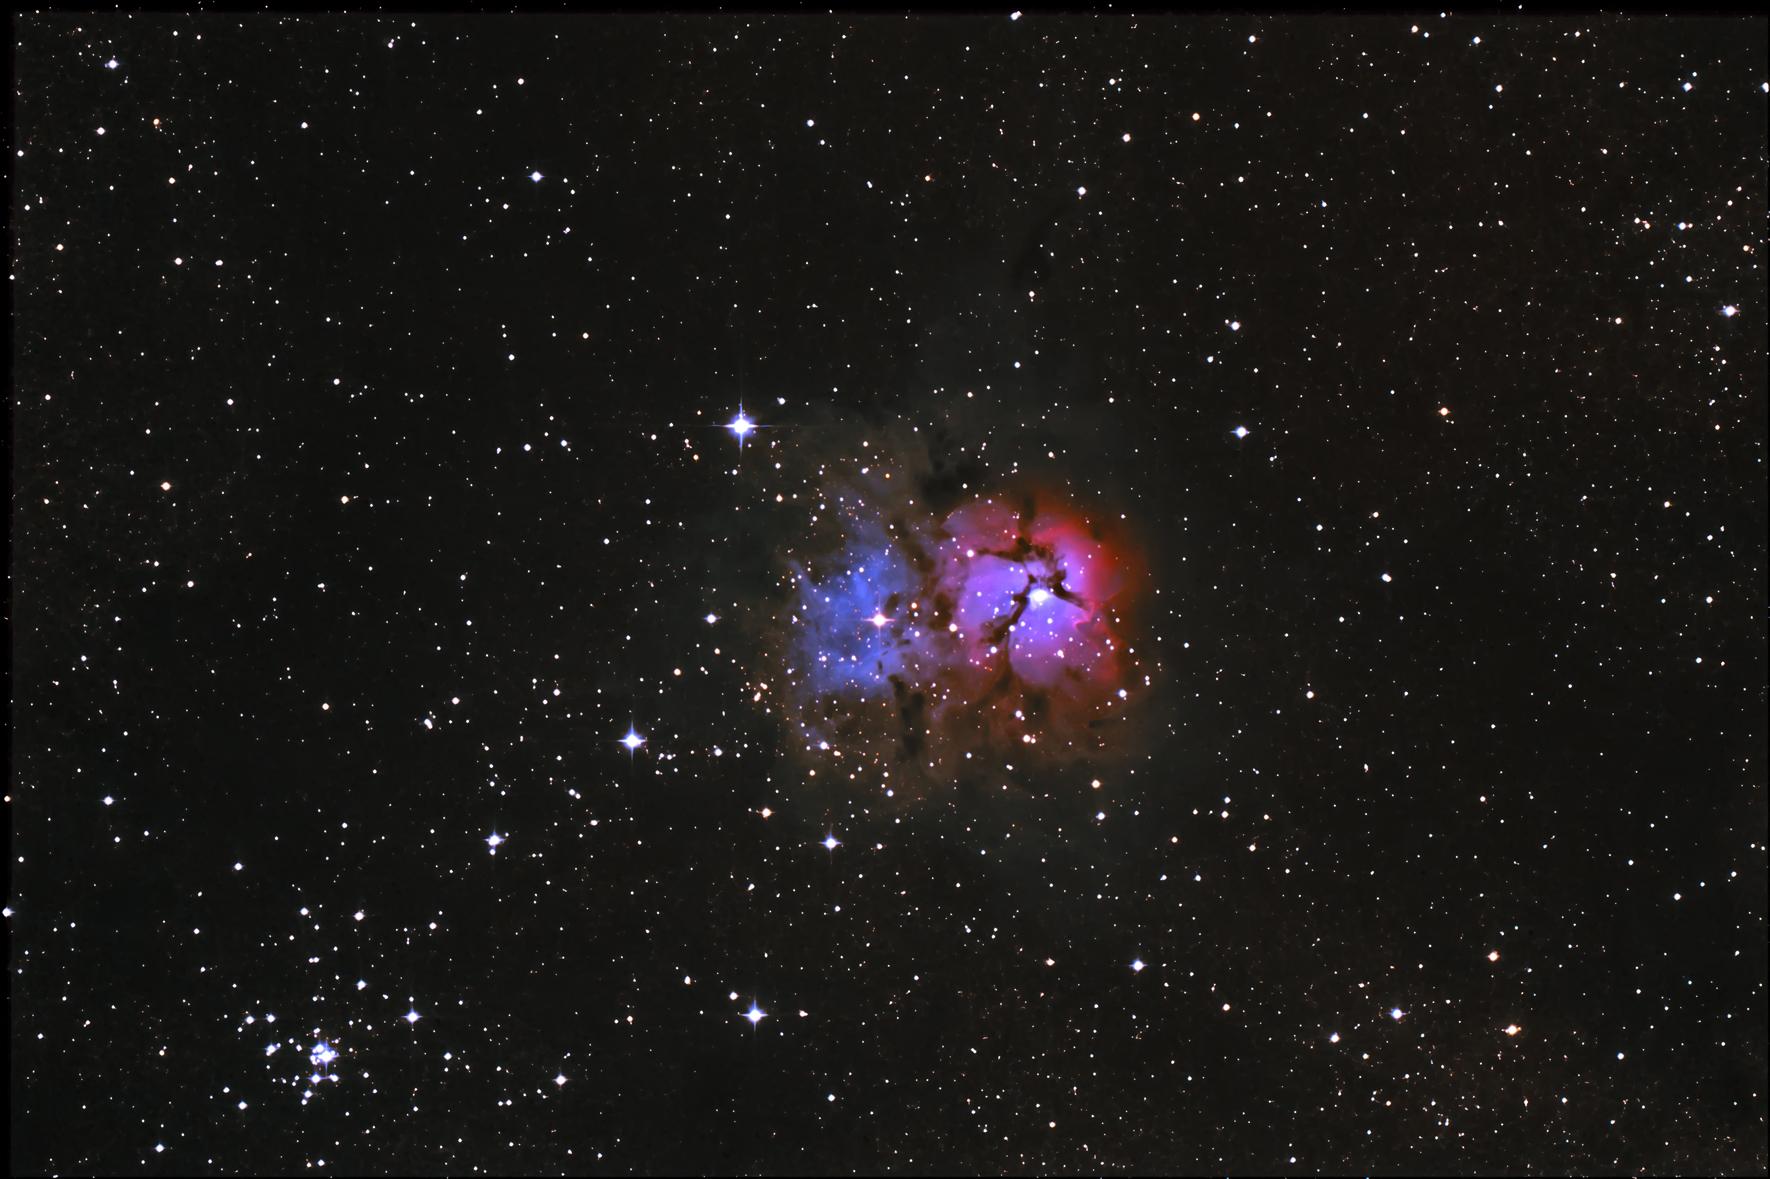 Trifid Nebula Unicorn - Pics about space